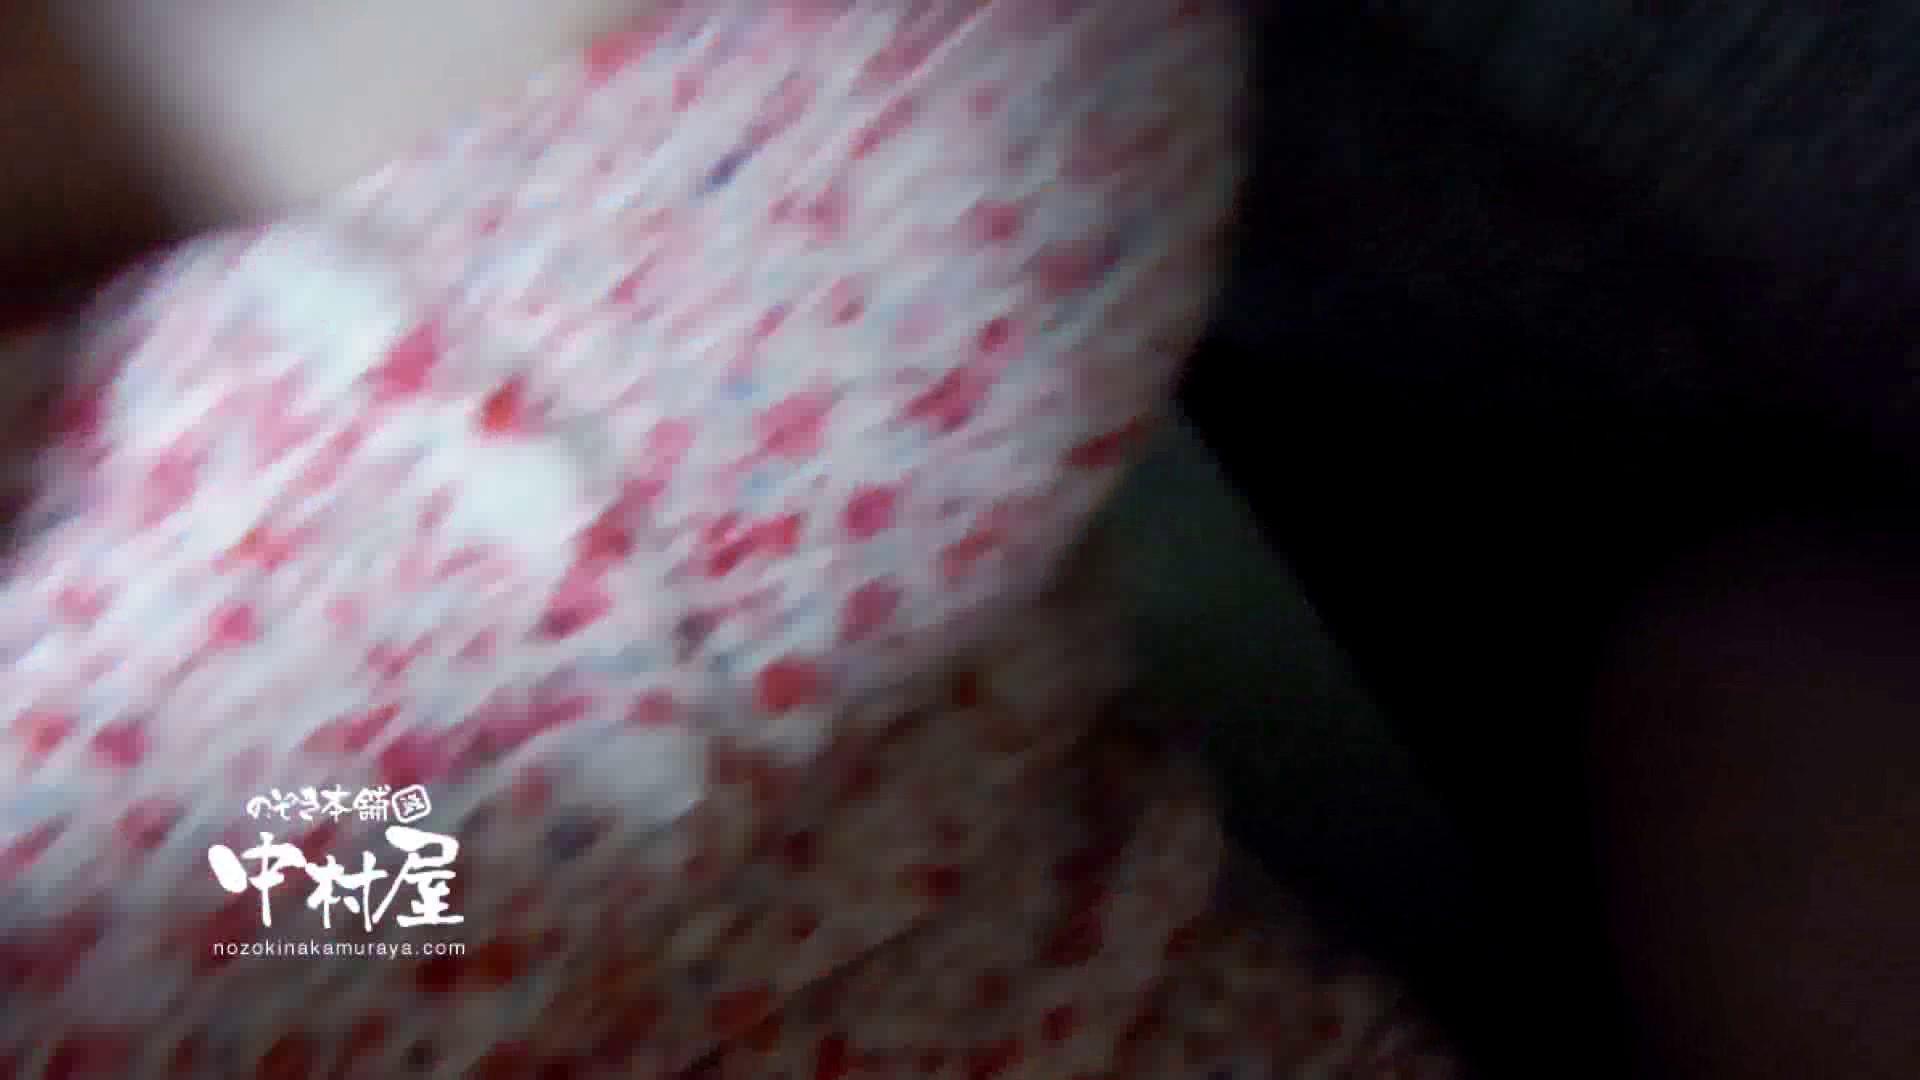 鬼畜 vol.16 実はマンざらでもない柔らかおっぱいちゃん 前編 鬼畜 オマンコ無修正動画無料 93pic 35